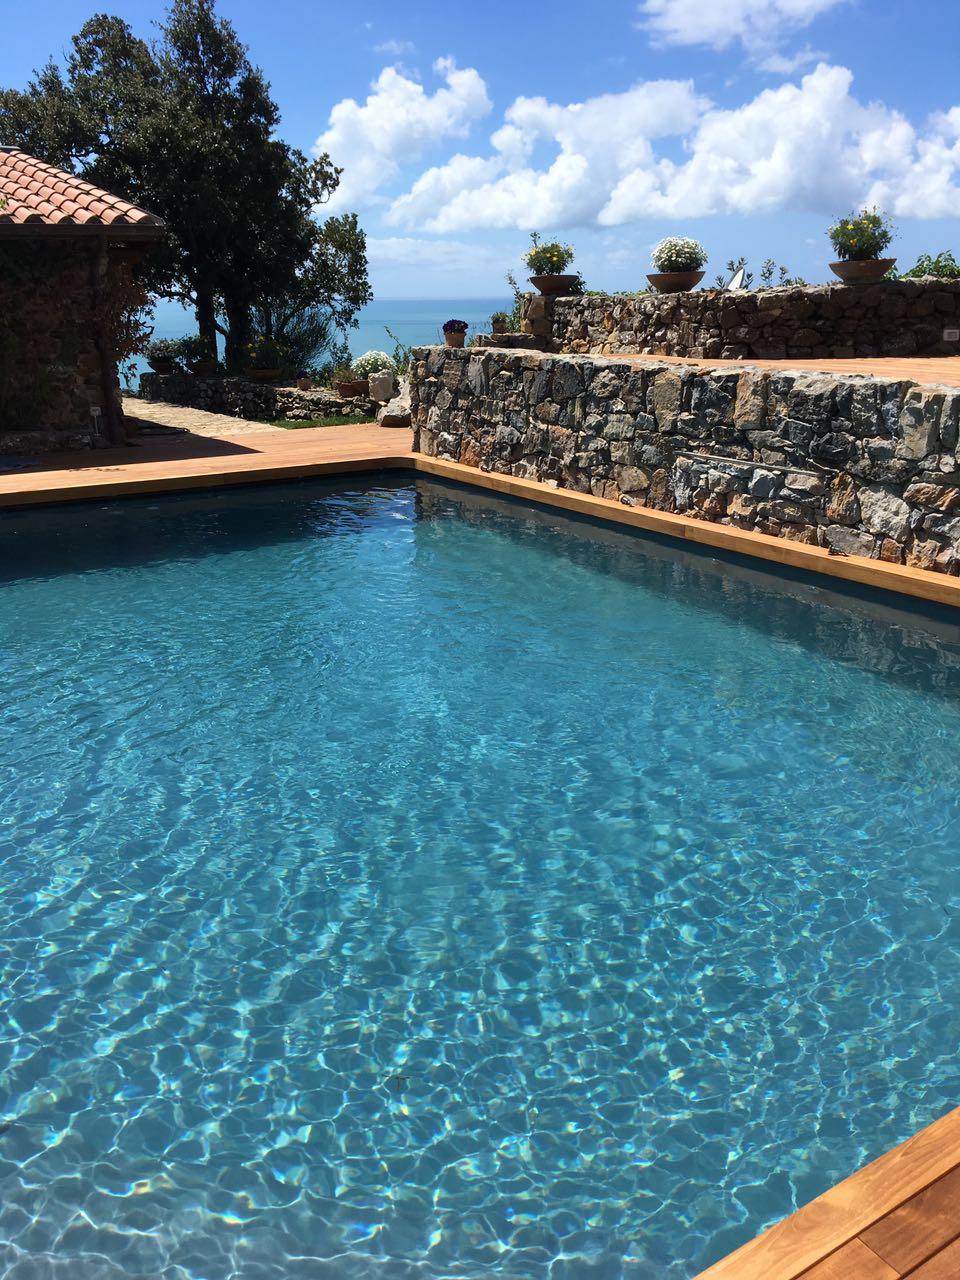 8. Realizzazione piscina interrata scoperta, vista vasca lato mare e muratura in pietra naturale posata rustica: lavori ultimati.